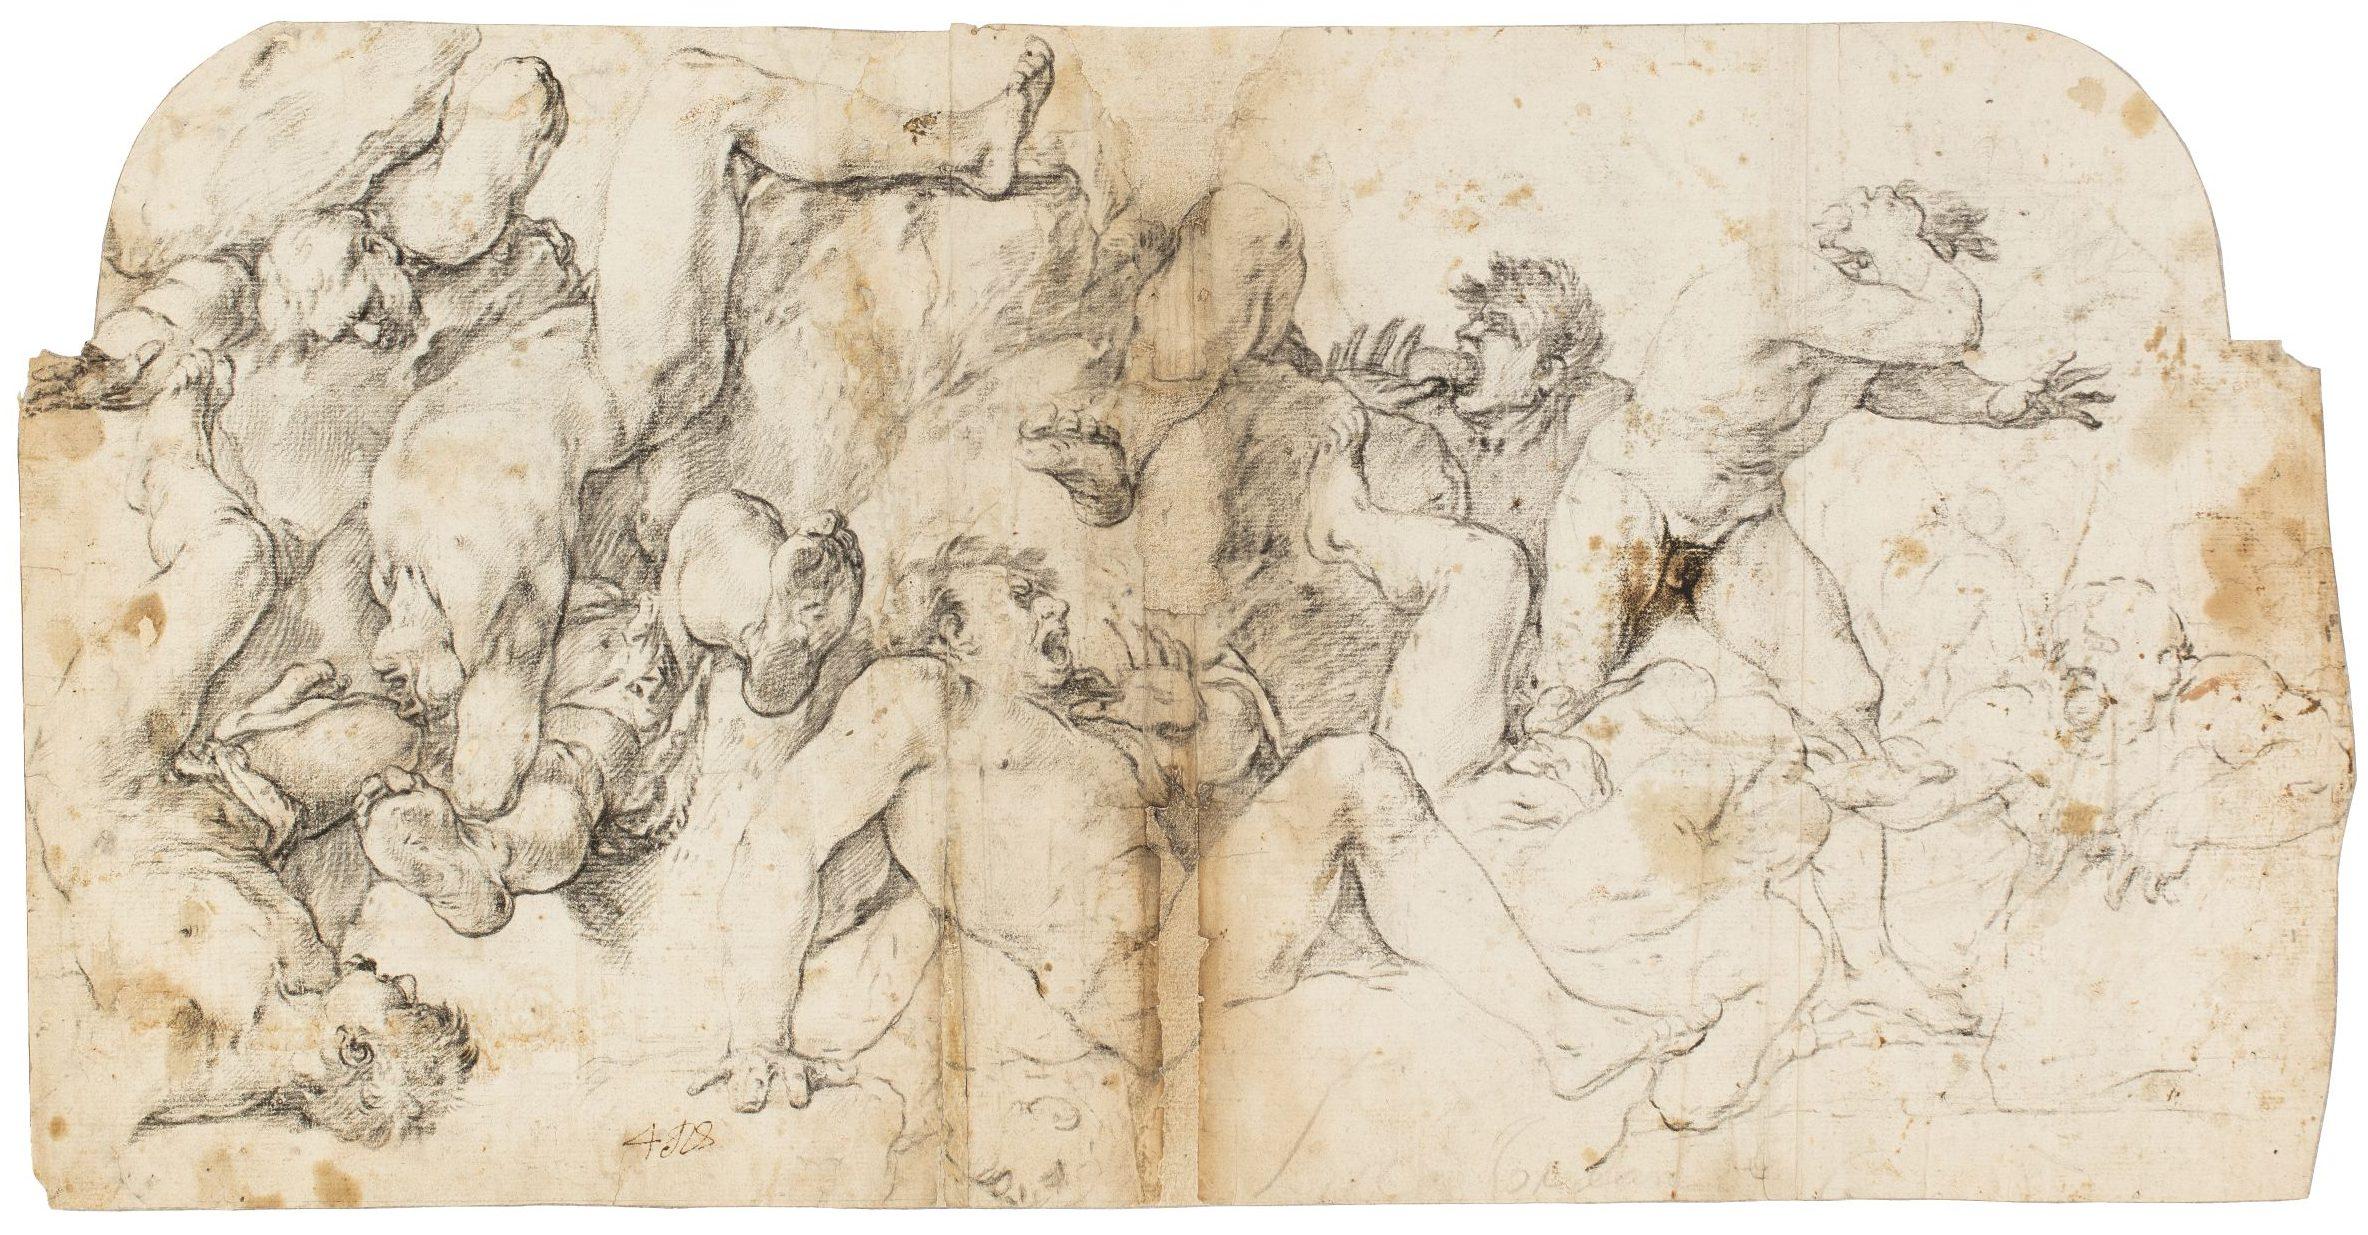 La caiguda dels gegants, Luca Giordano